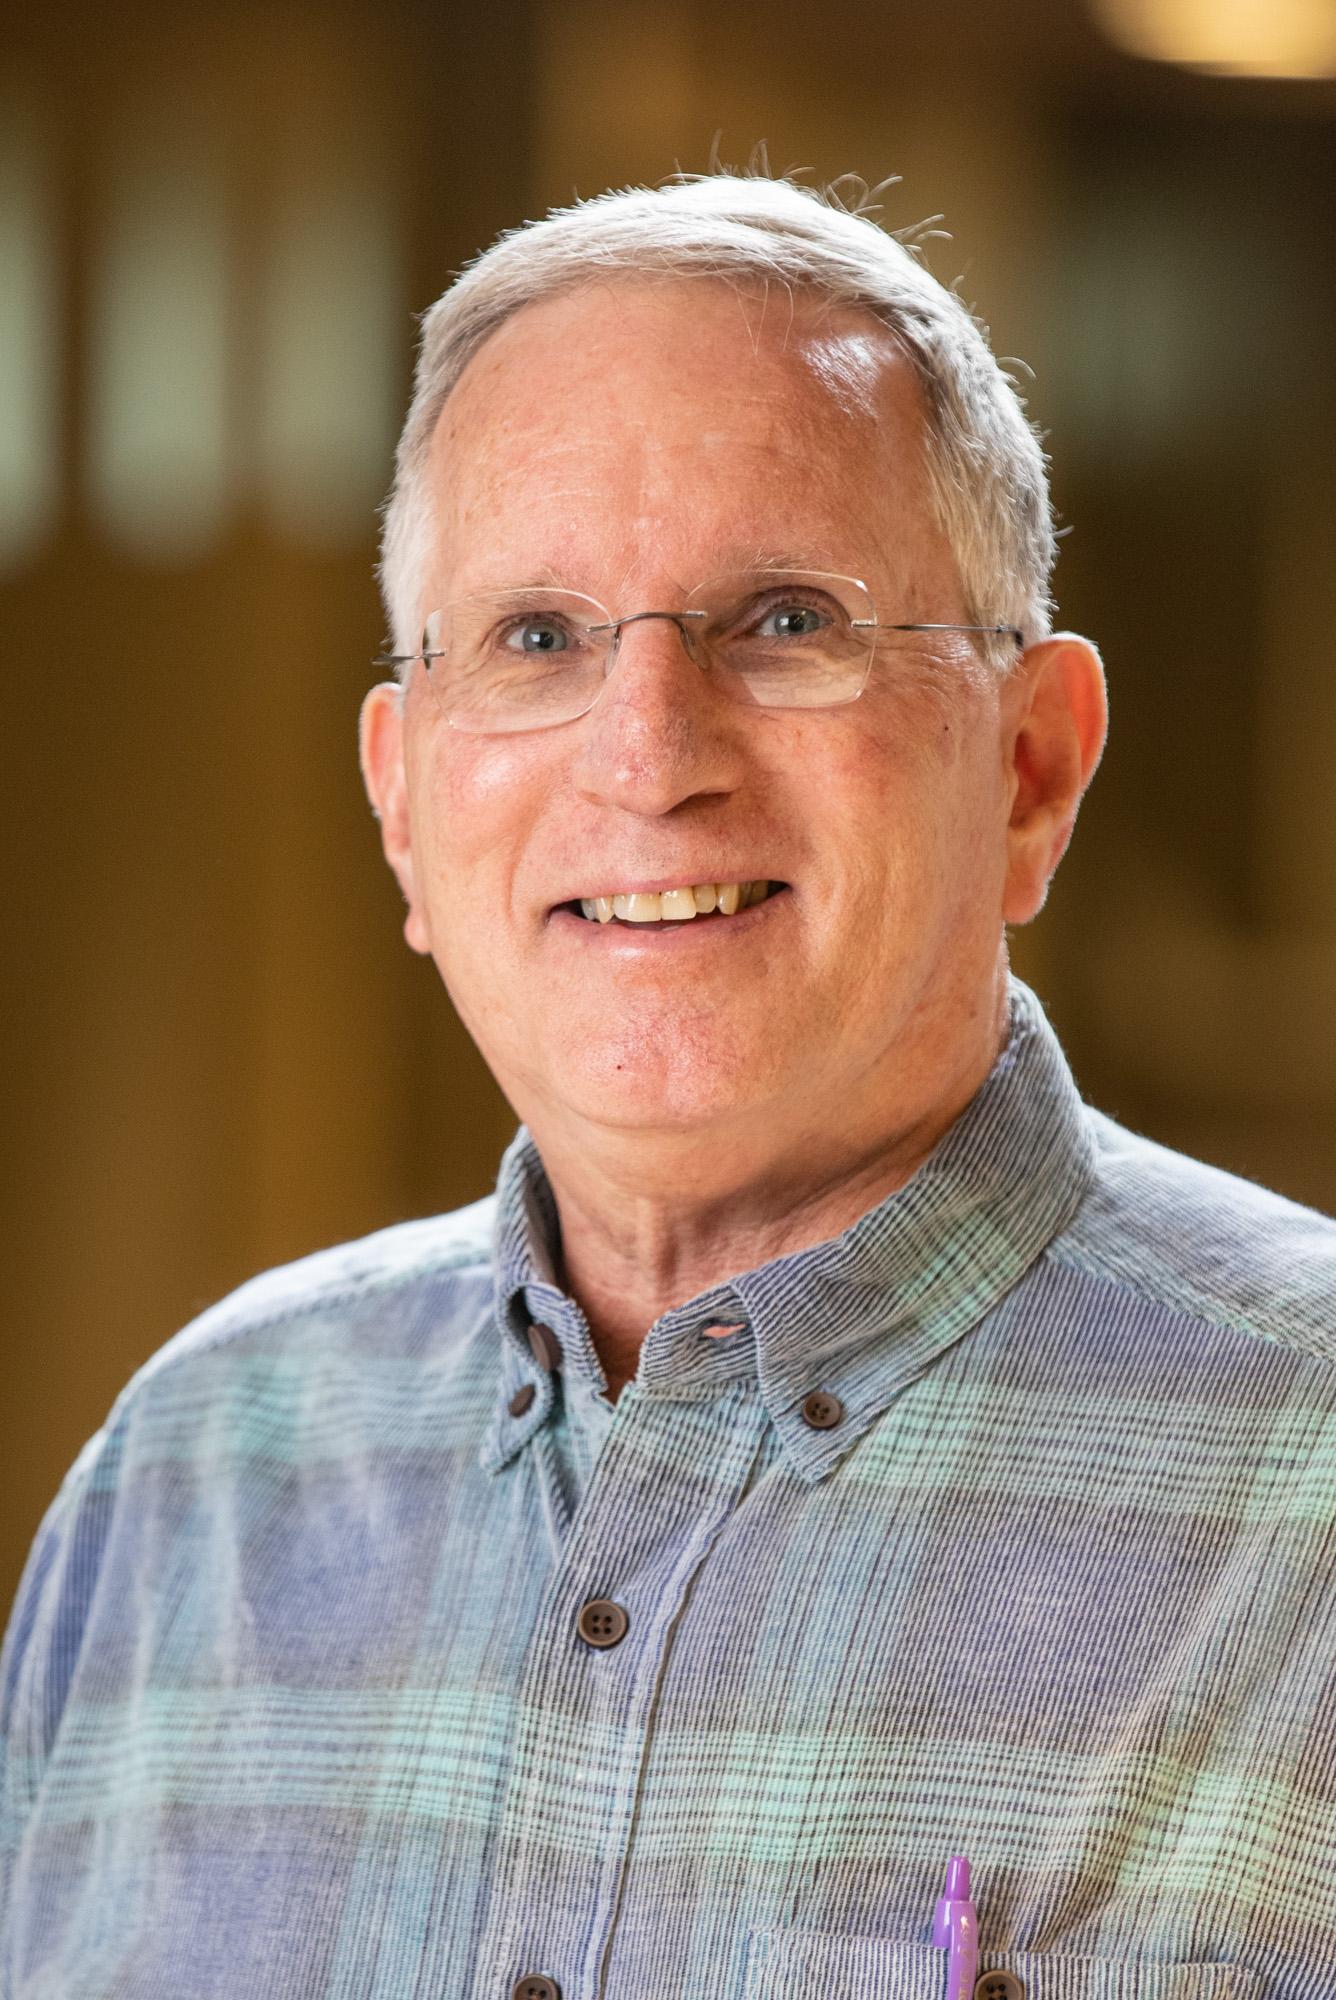 Dr. Rick Hermansen